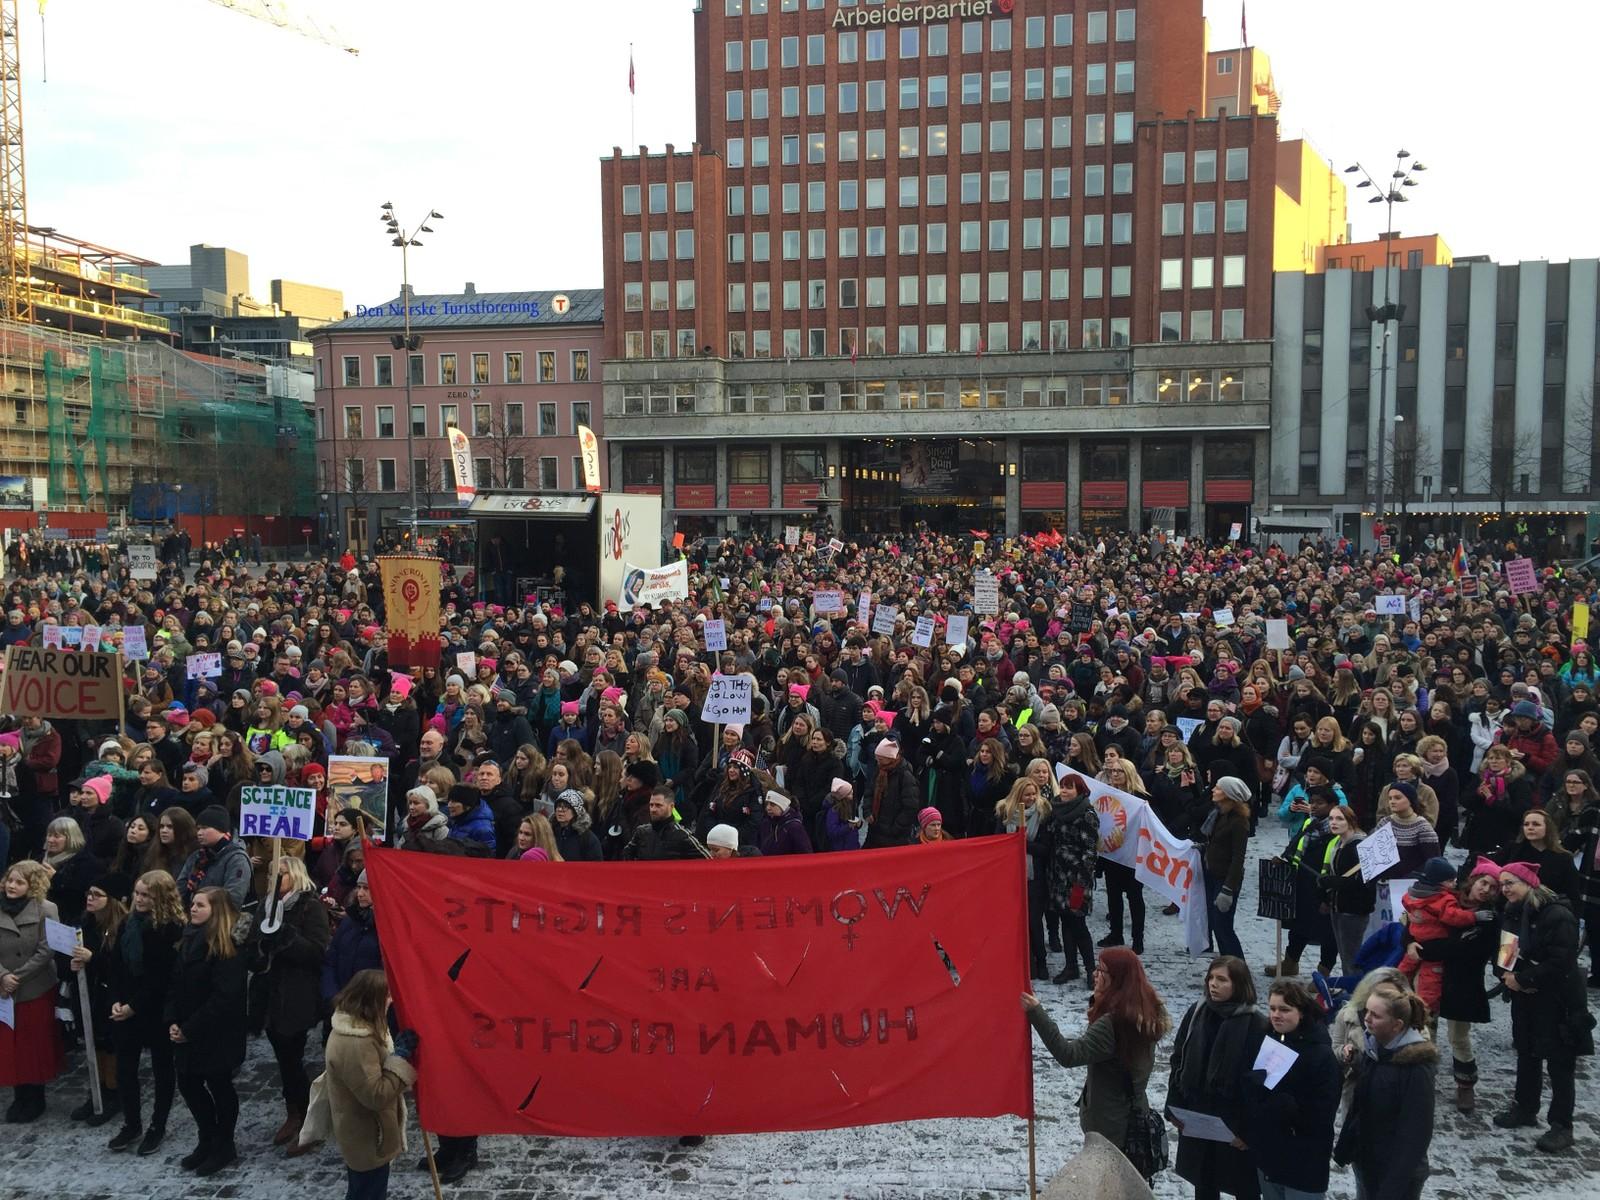 På Youngstorget i Oslo hadde flere hundre samlet seg for å demonstrere mot nedsettende holdninger mot kvinner.